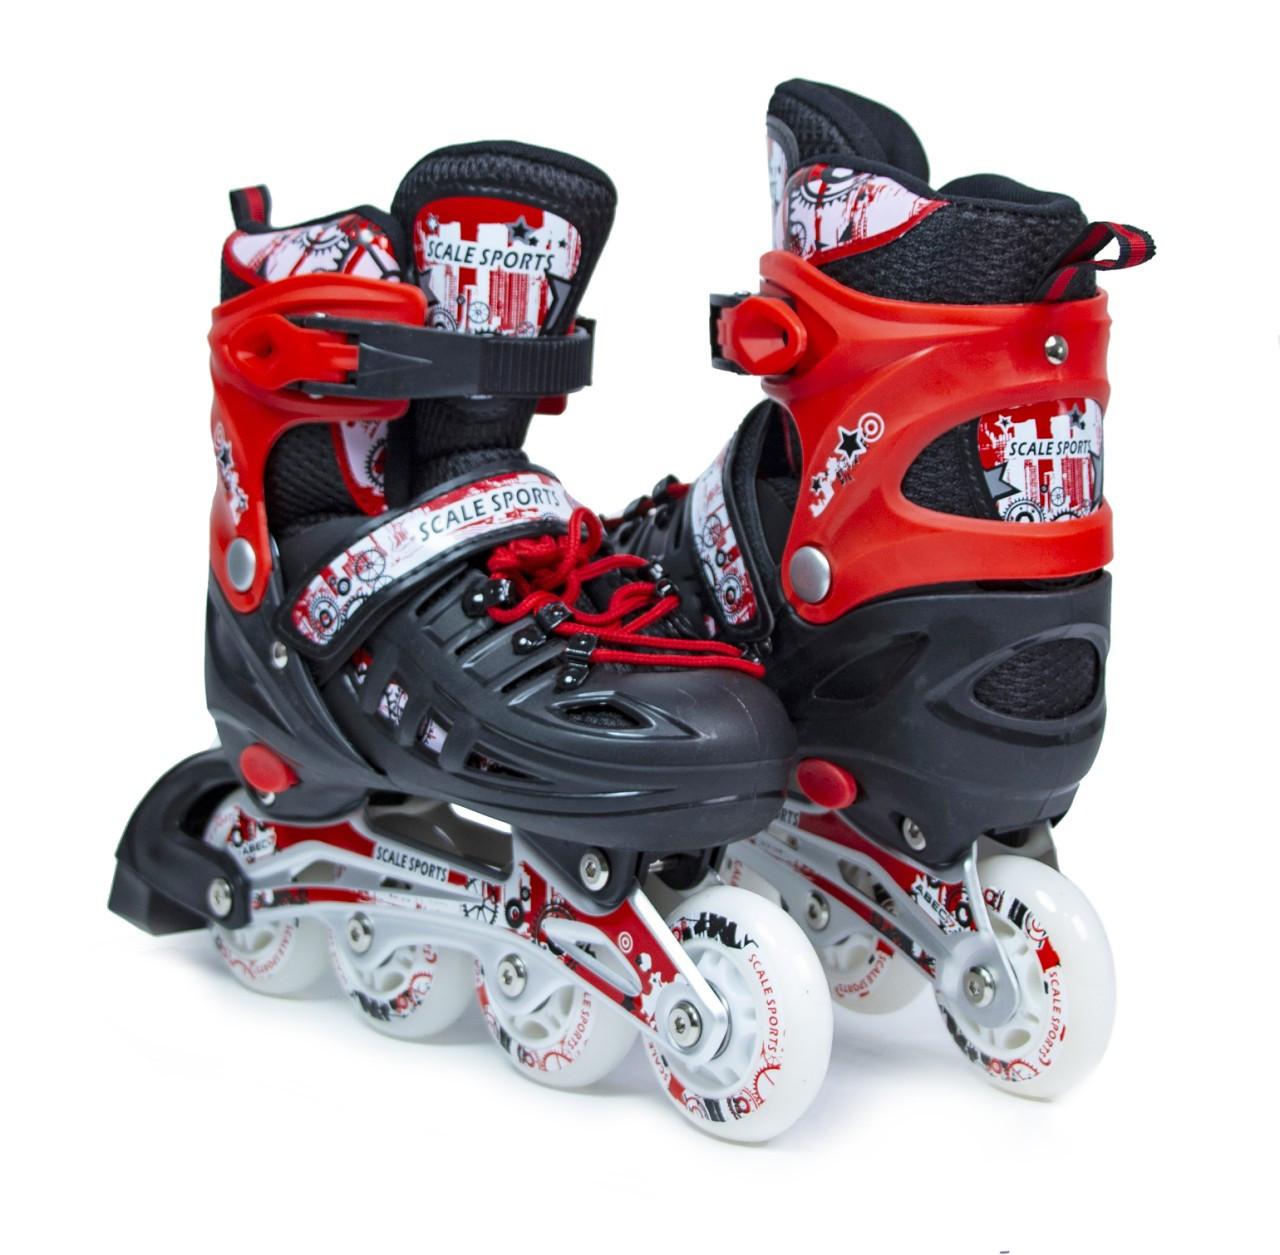 Ролики Scale Sports Red LF 905 розмір 34-37